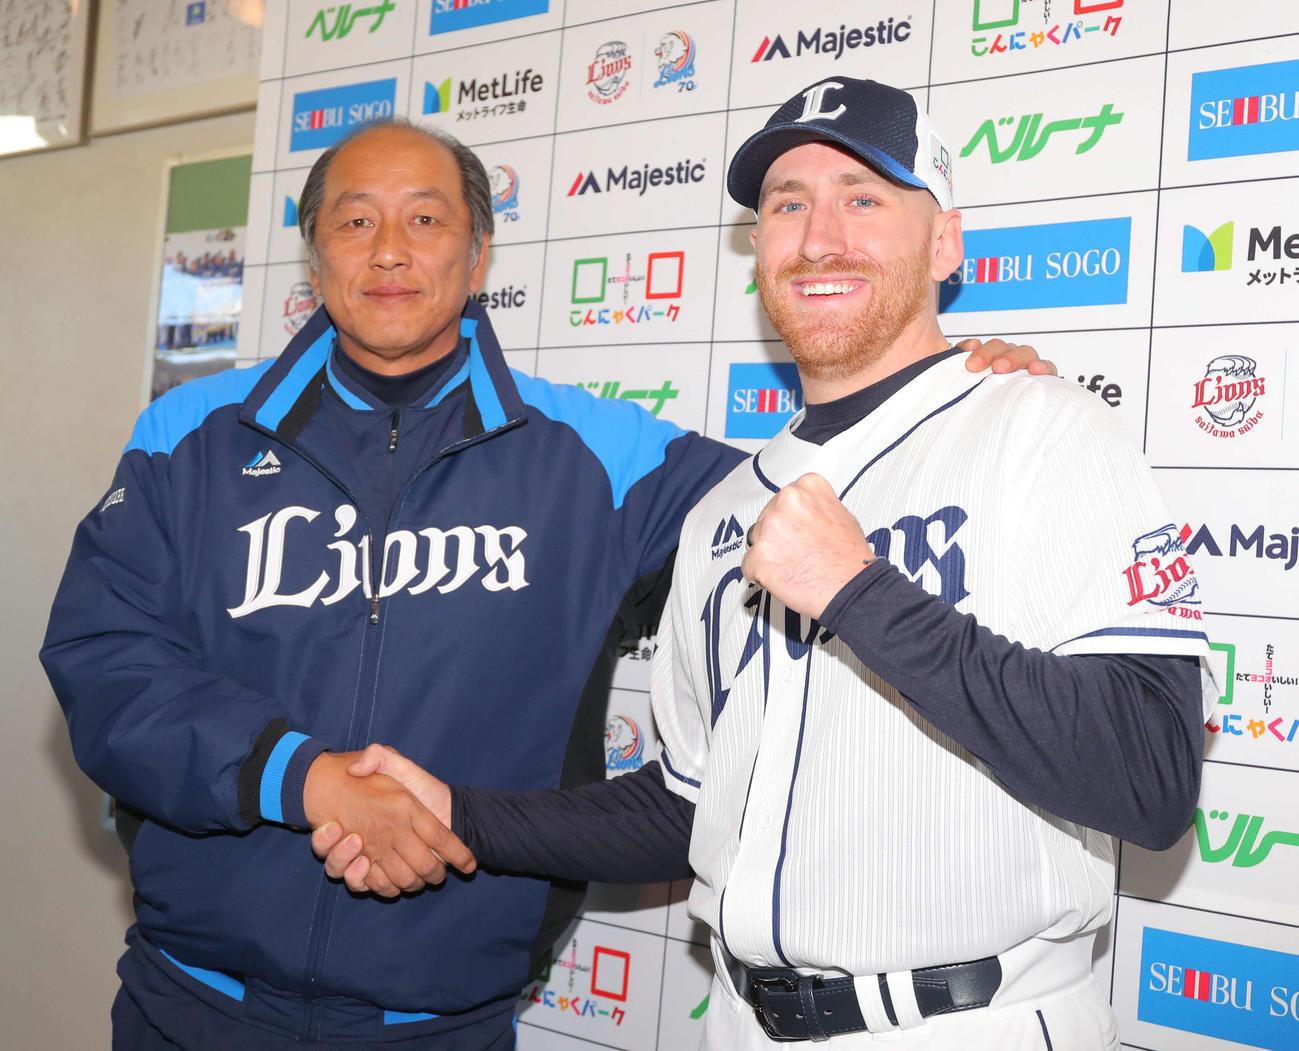 西武入団会見で渡辺GMと笑顔で握手を交わすギャレット(撮影・河田真司)